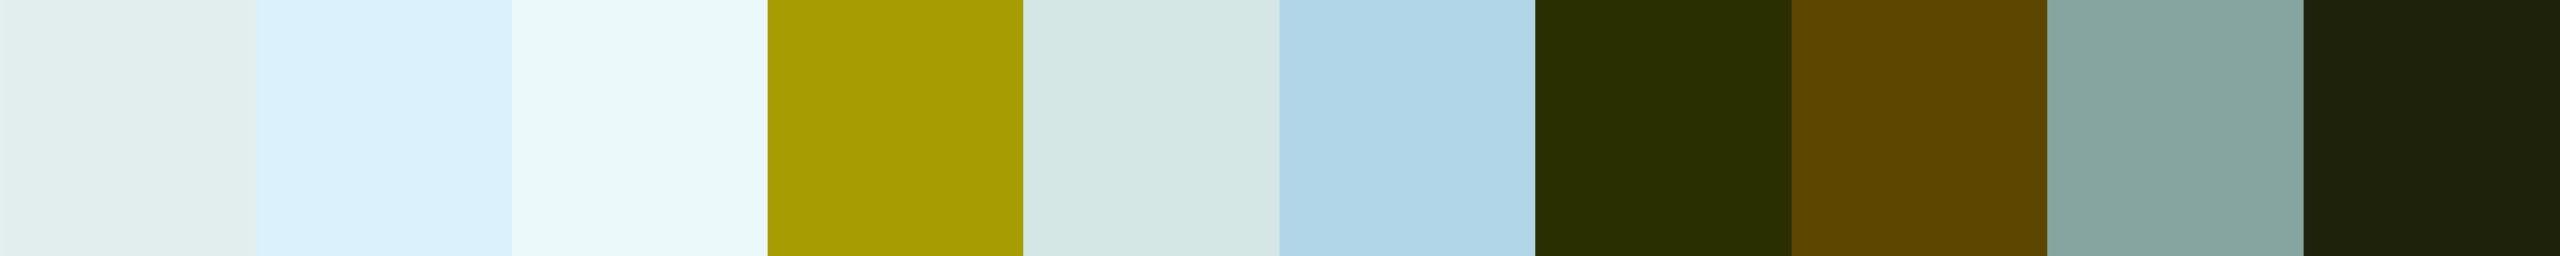 81 Pertana Color Palette